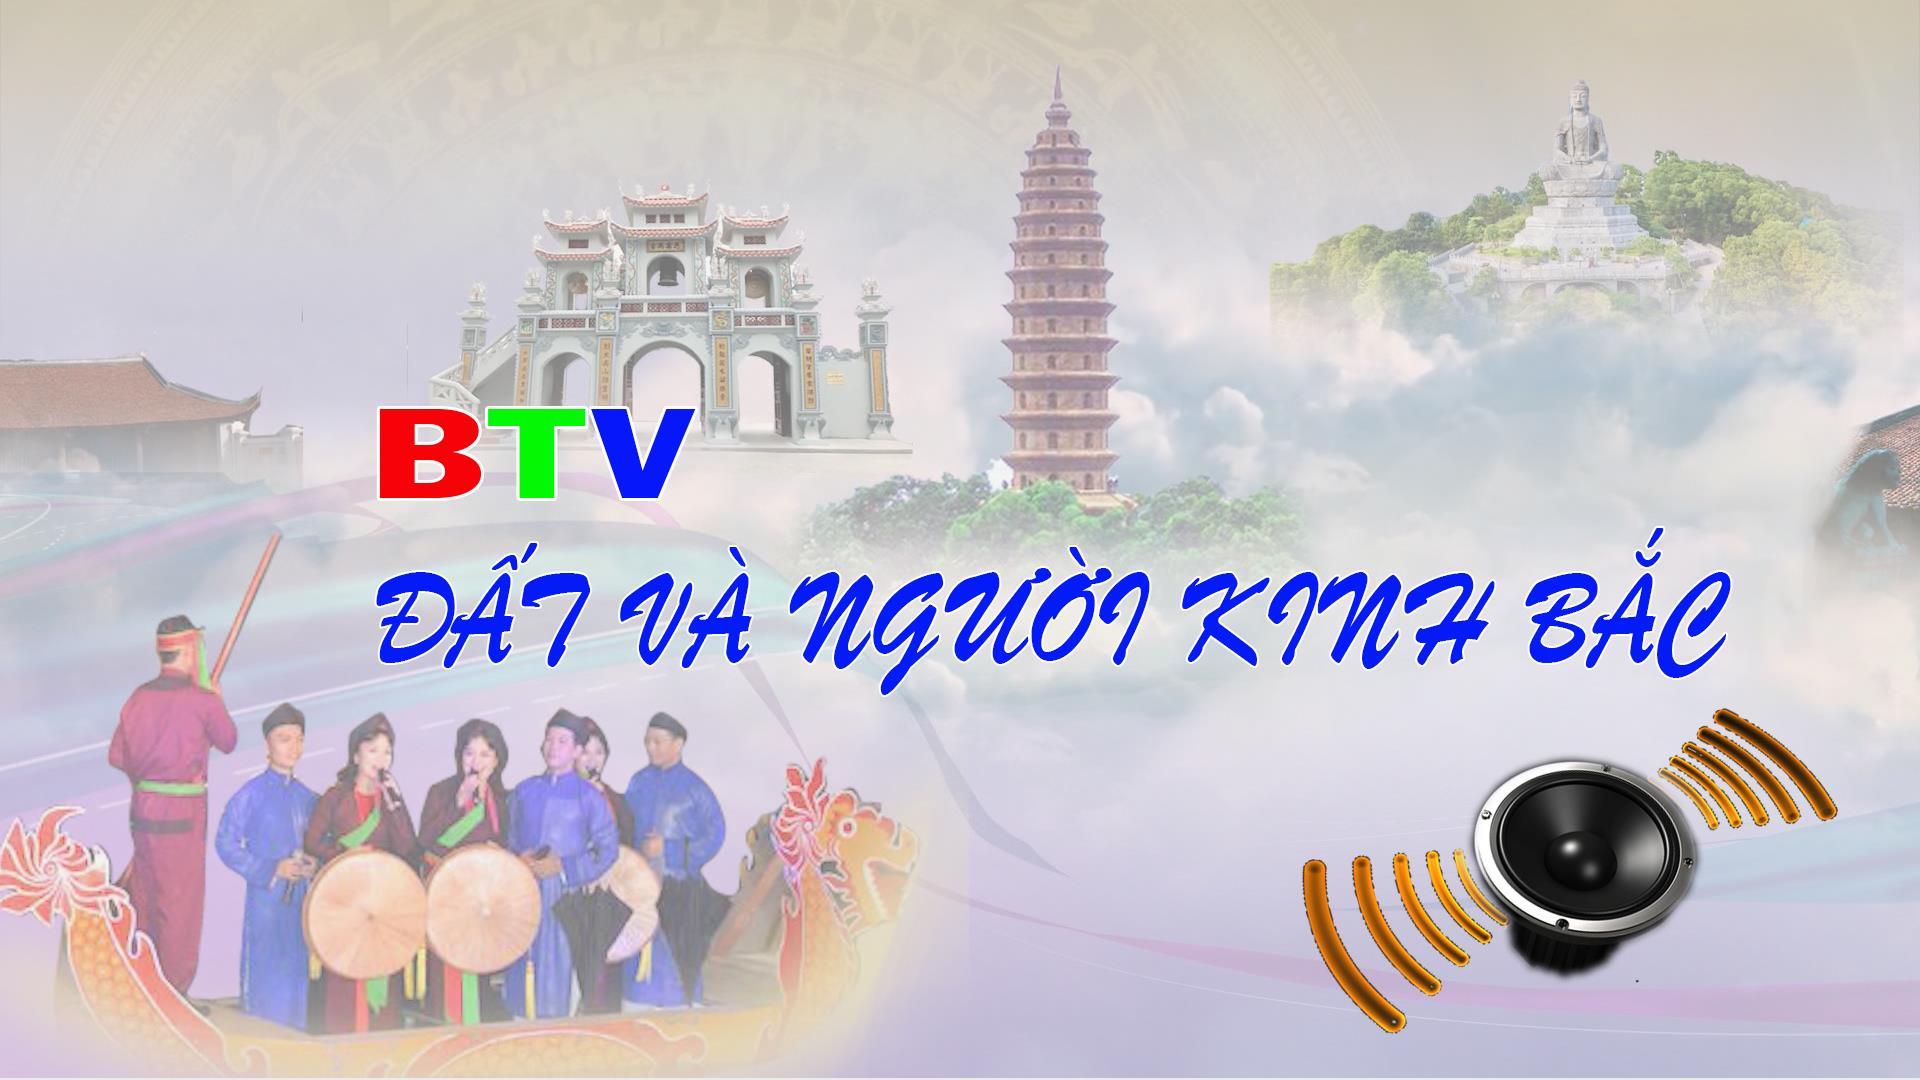 Làng quê văn hiến Tam Sơn